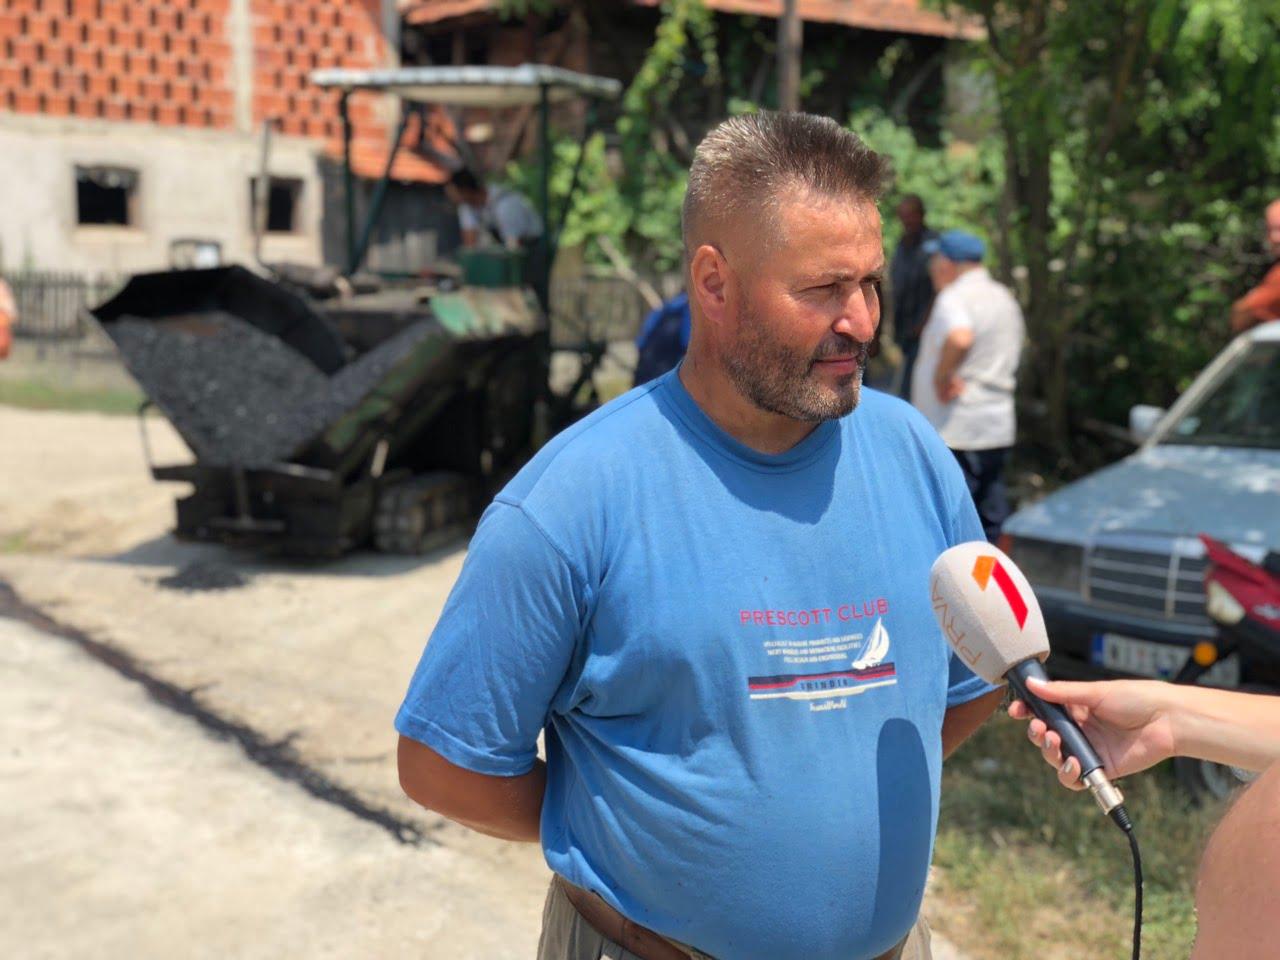 Predsednik MZ Niševac, foto: Radio Bubamara